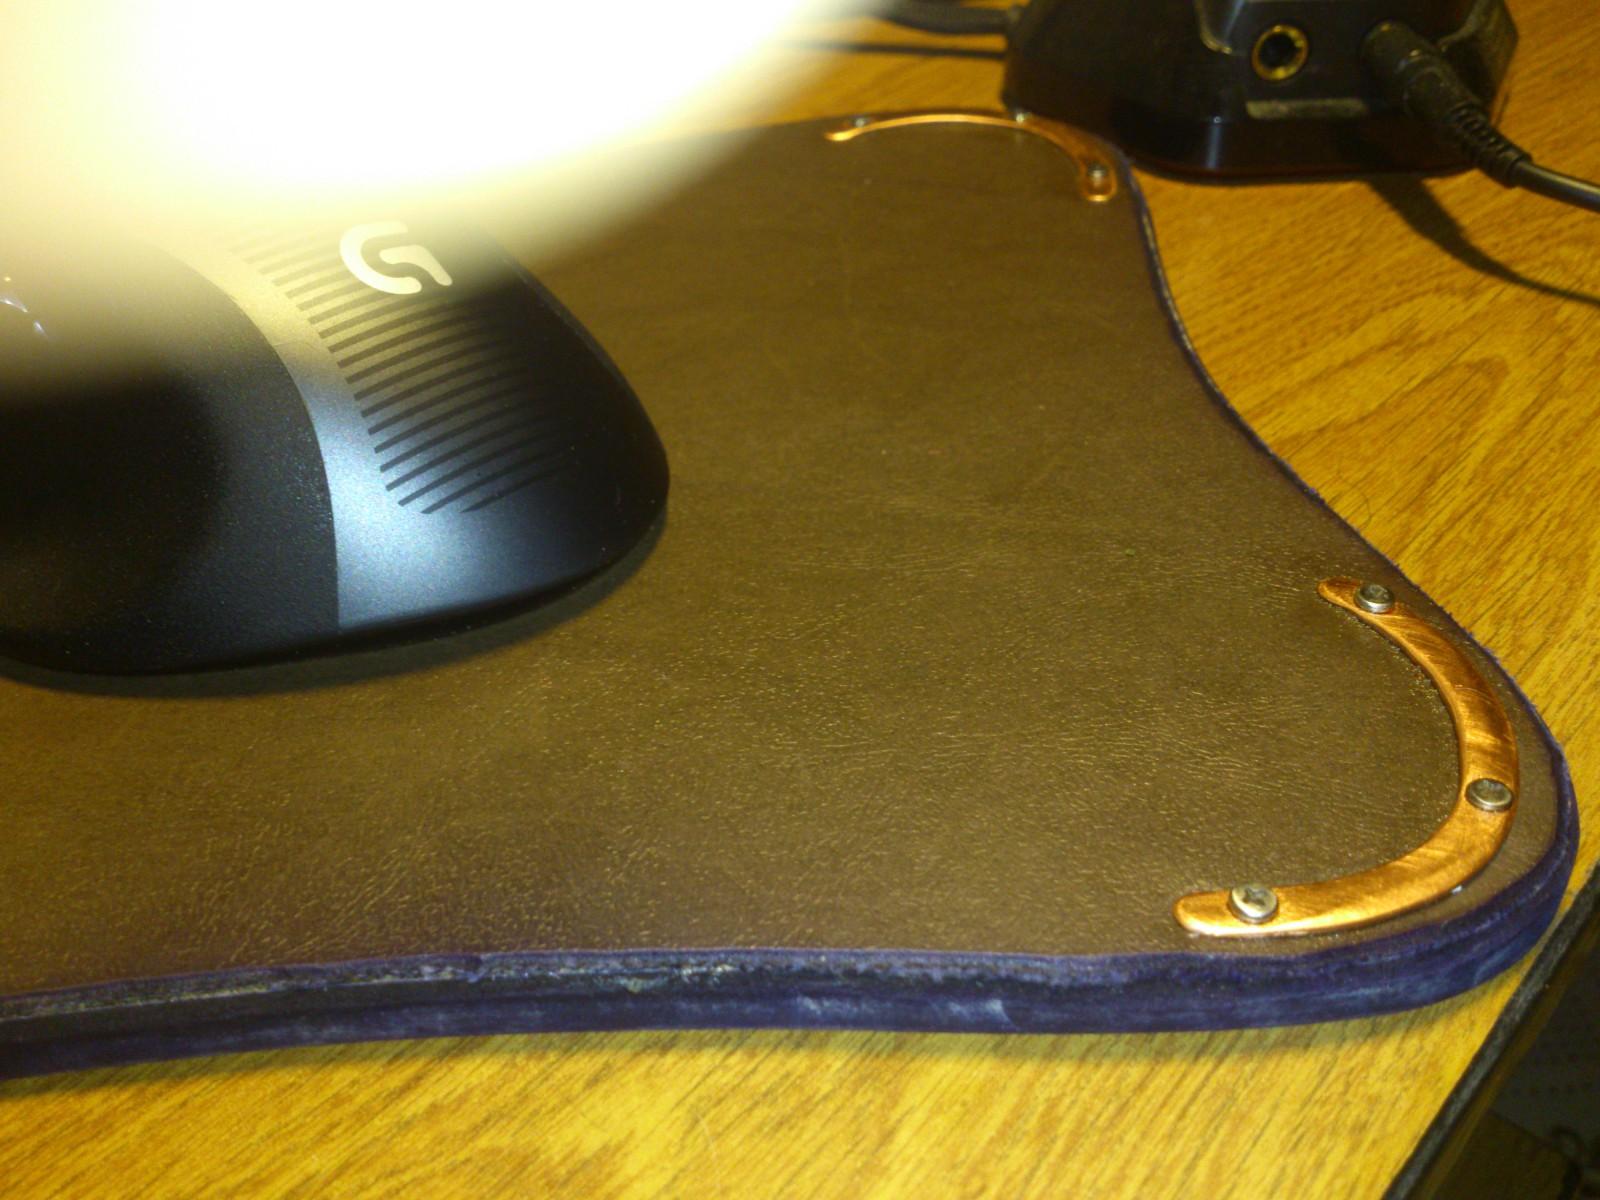 Коврик для мыши своими руками из картона